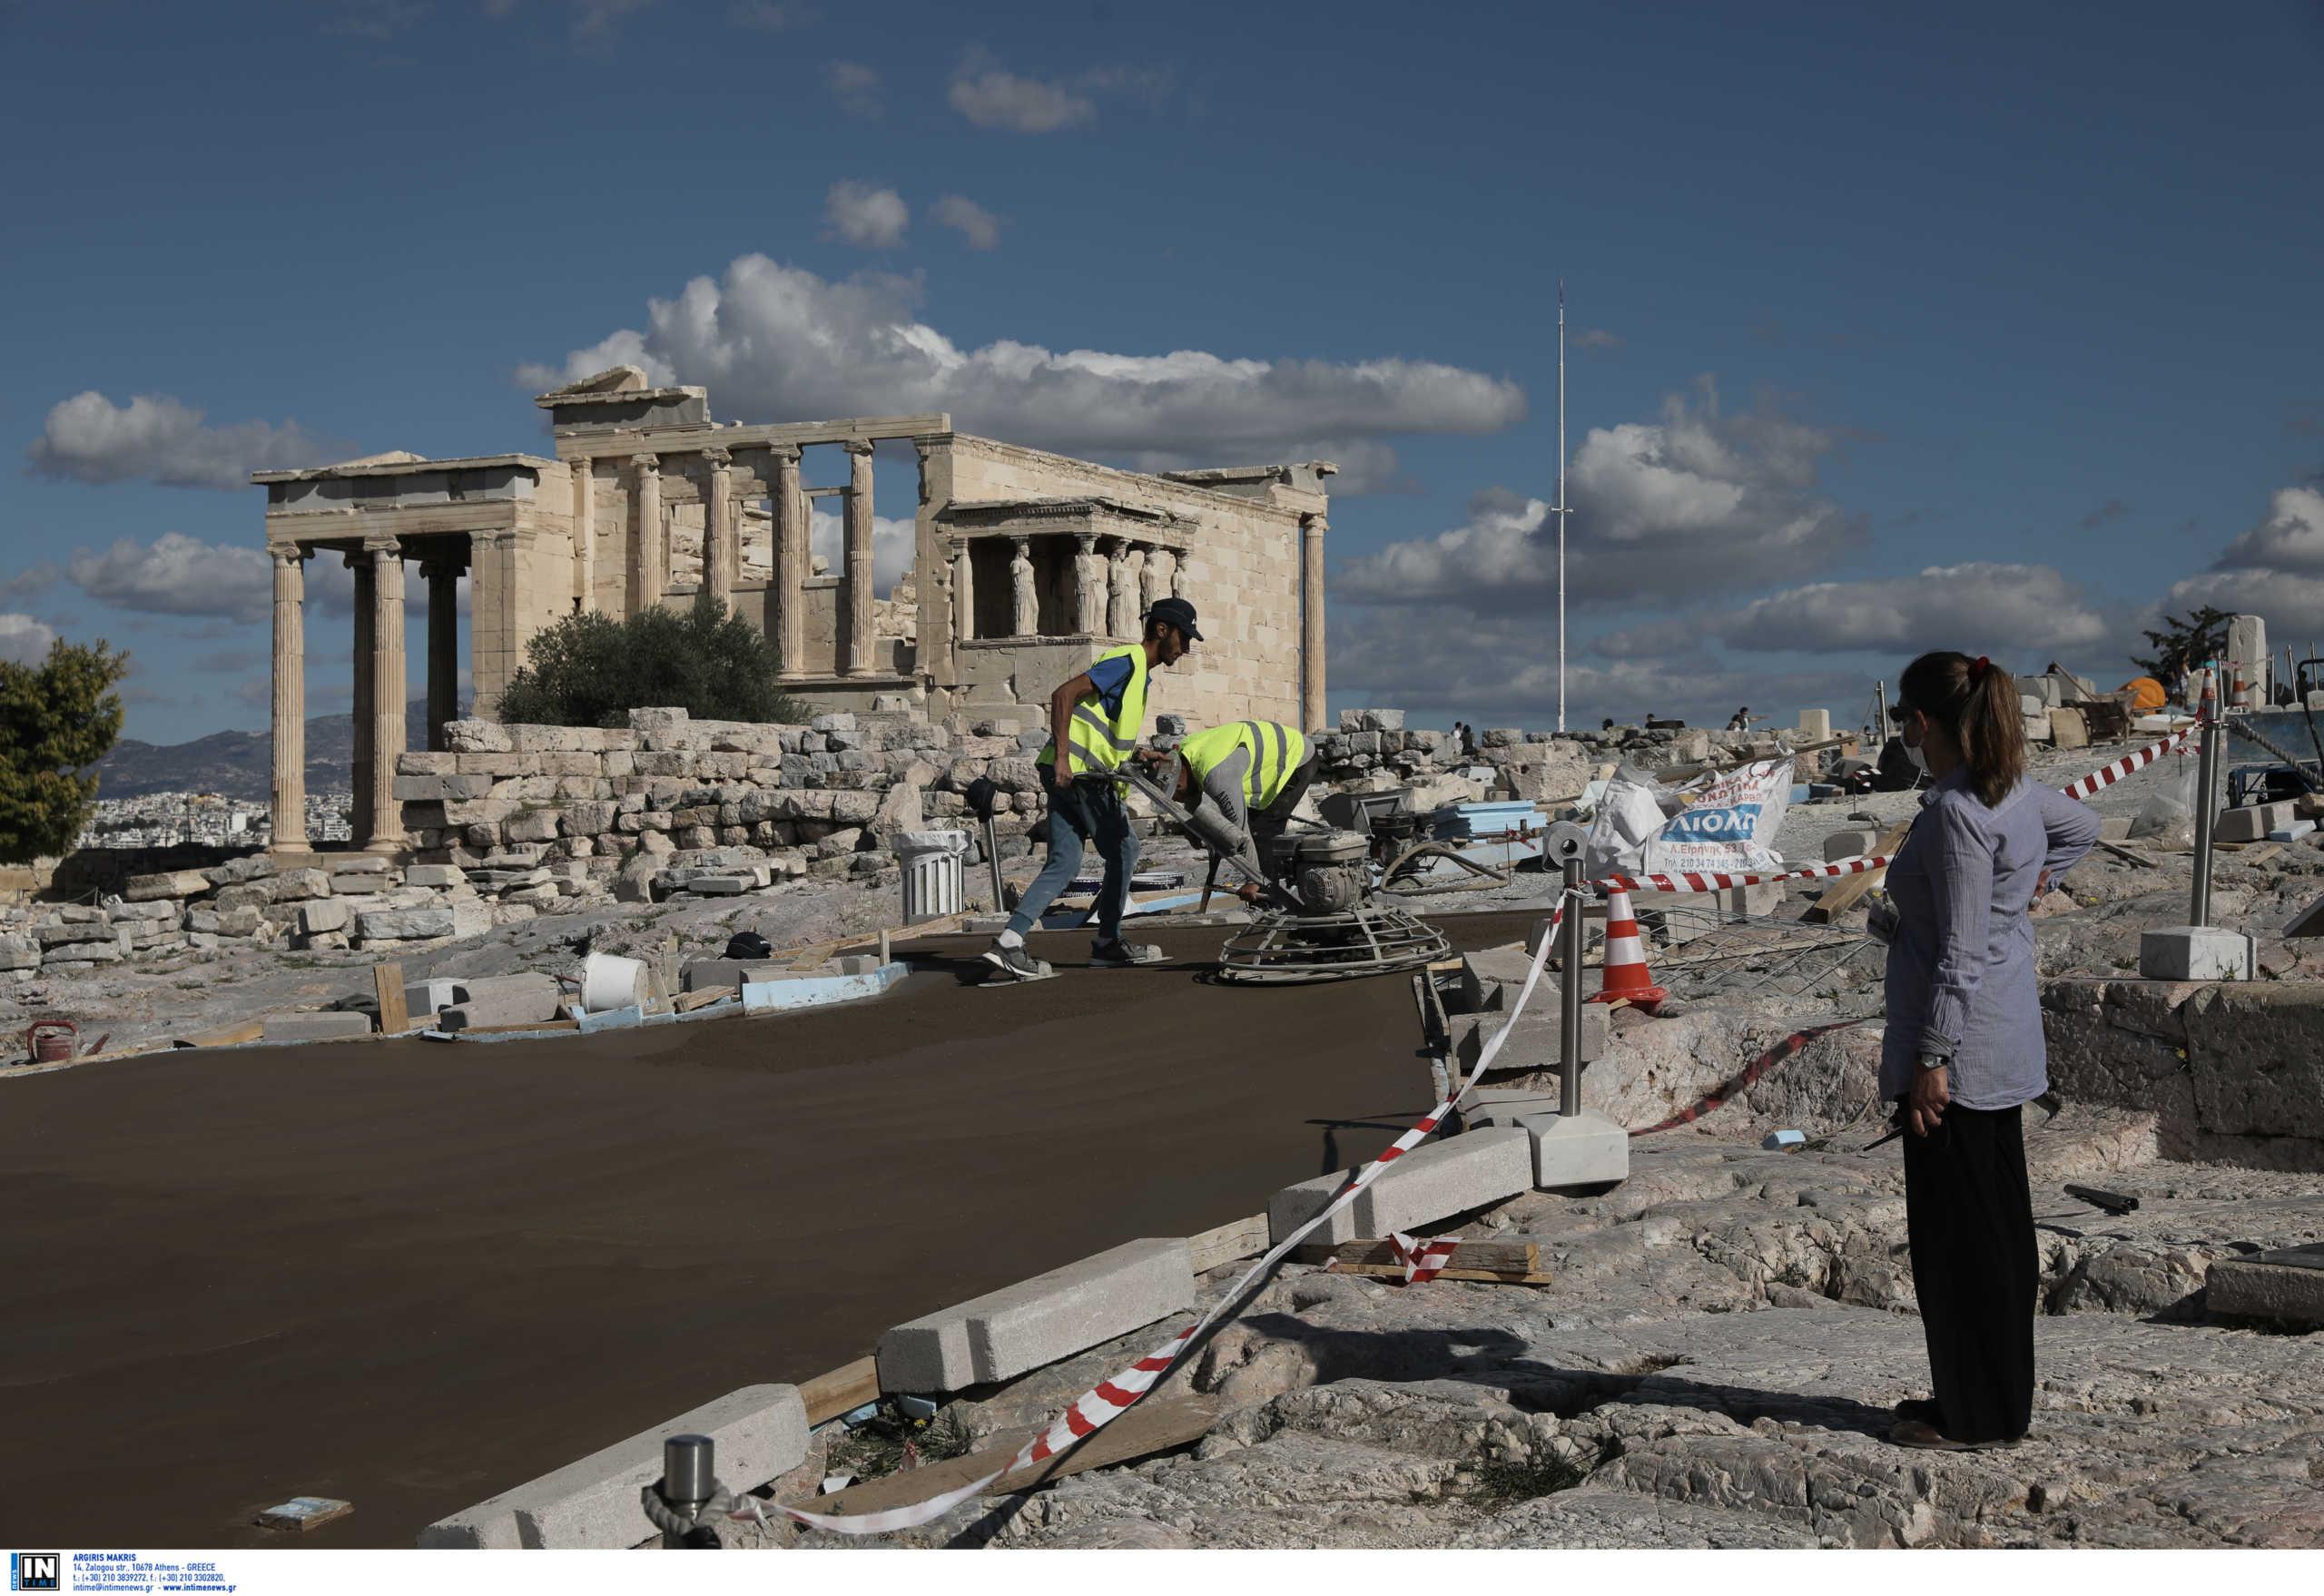 """Μενδώνη για το """"τσιμέντο"""" στην Ακρόπολη: Κάνουν κριτική με φωτογραφίες εργοταξίου – Ποια θα είναι η τελική εικόνα (pics, video)"""